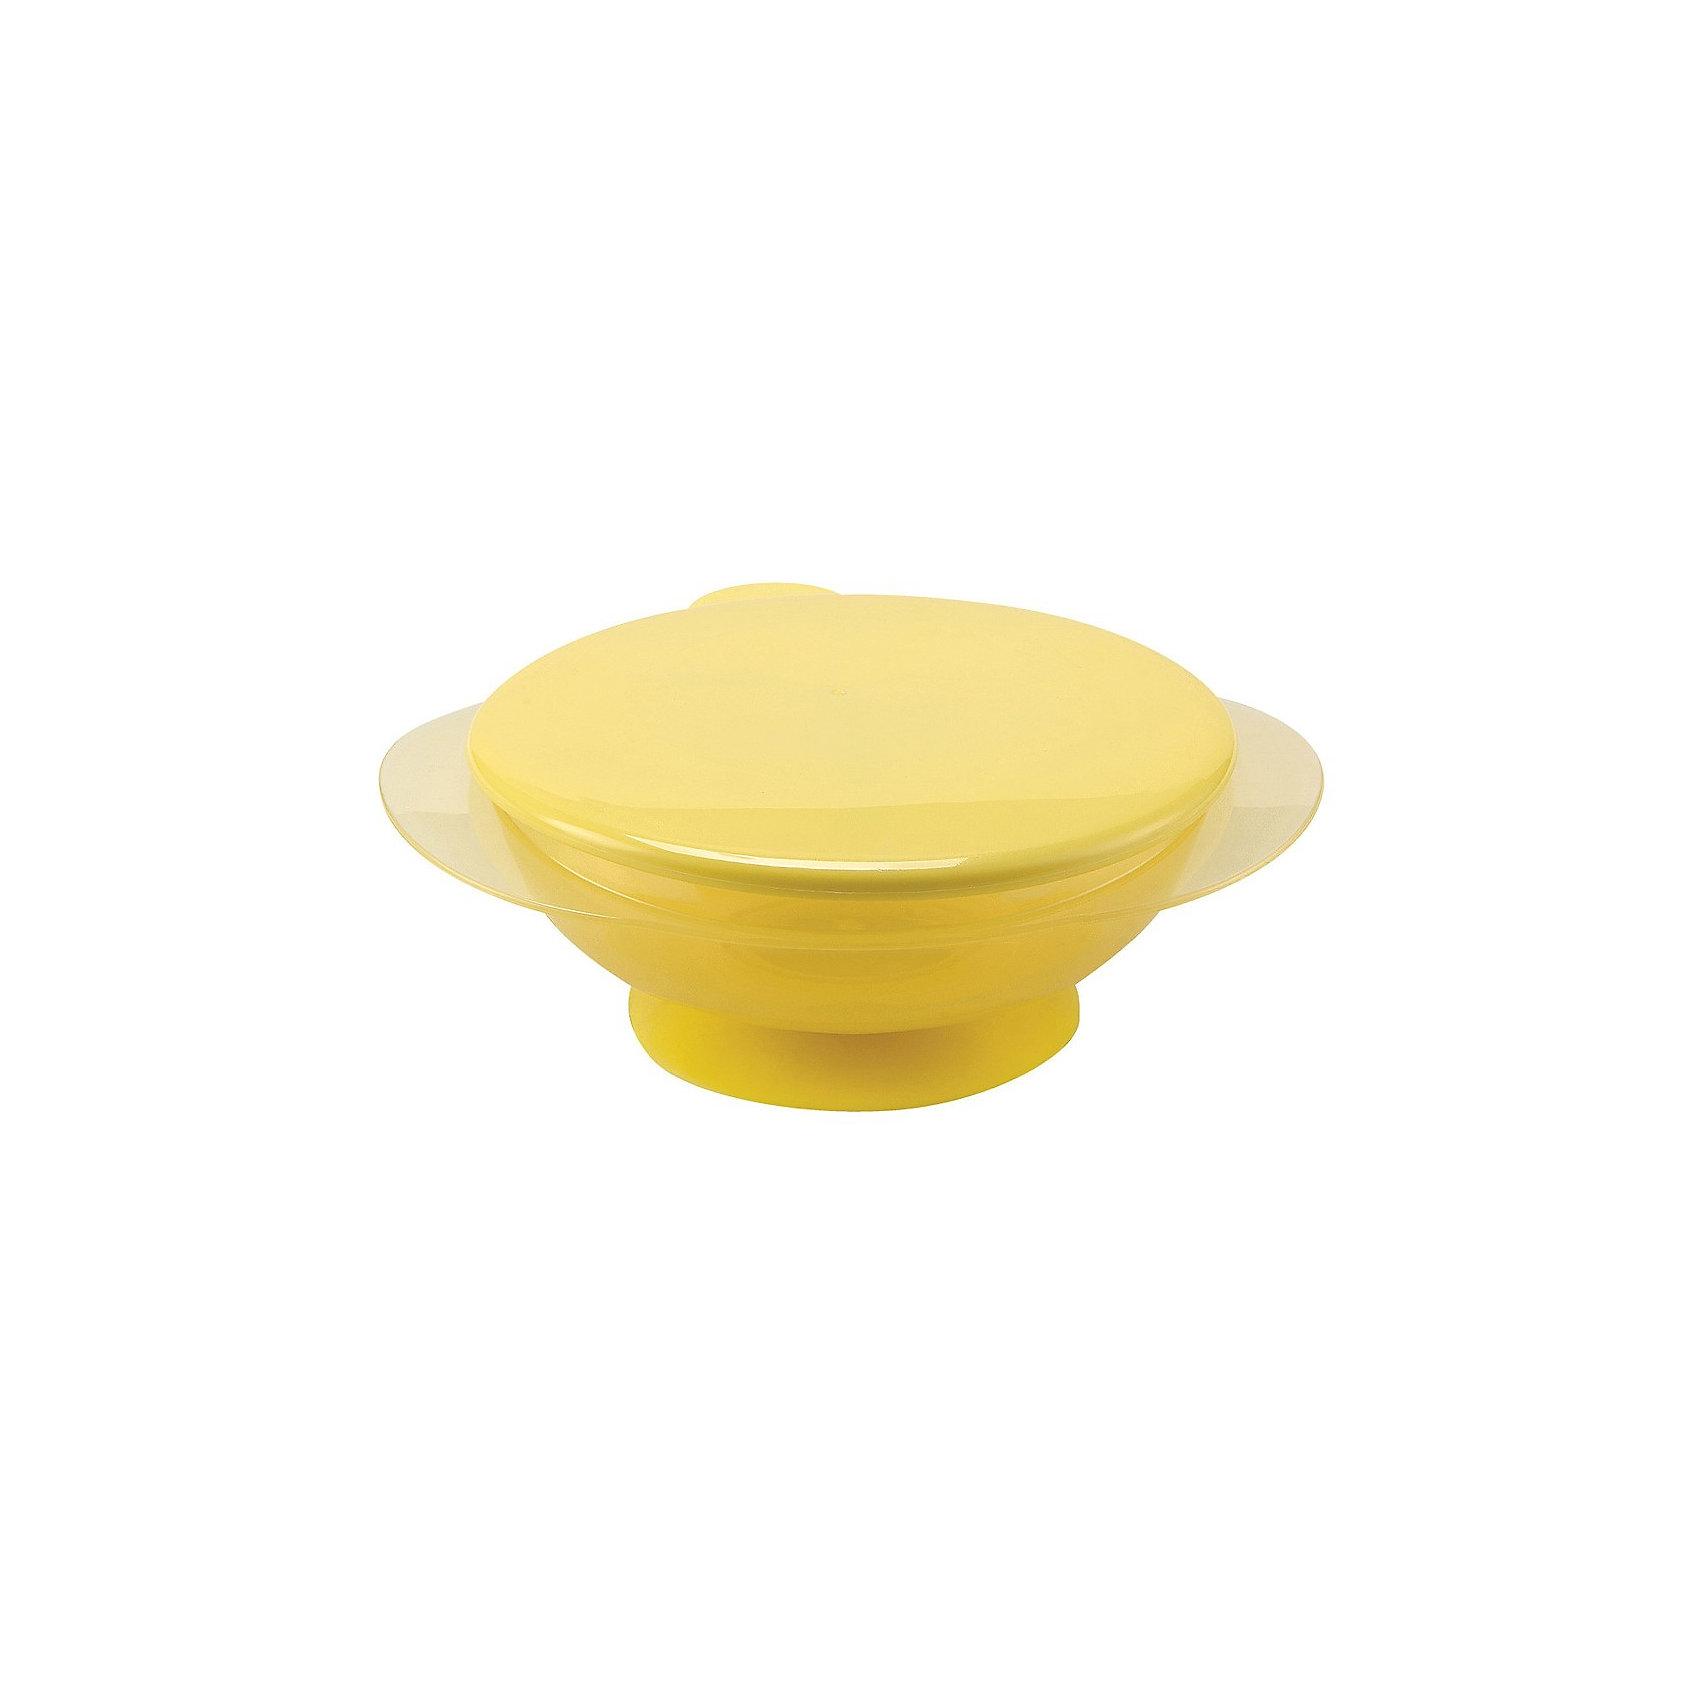 Тарелка на присоске с крышкой EAT &amp; CARRY, Happy Baby, жёлтыйПосуда для малышей<br>Детская тарелка на присоске с крышкой EAT &amp; CARRY, Happy Baby (Хэппи Бэби), жёлтый - обязательно понравится вашему  малышу. <br>Детская тарелка на присоске с крышкой EAT &amp; CARRY яркая, заметная, красивая, ваш ребенок сразу ее полюбит. Тарелочка прозрачная – вы всегда увидите содержимое. Нескользящее дно с присоской позволяет зафиксировать ее на столике, а крышка пригодится, если вы собираетесь взять тарелку с собой в поездку, кроме того герметичная крышка сохраняет вкус и свежесть продуктов. Можно использовать как для горячей, так и для холодной пищи. Тарелка долго поддерживает температуру. У тарелки эргономичные мягкие ручки.<br><br>Дополнительная информация:<br><br>- Объем: 250 мл.<br>- Материал: полипропилен, термопластичный эластомер<br>- Не содержит бисфенол А<br>- Можно использовать в микроволновой печи<br>- Уход: мыть теплой водой с мылом, тщательно ополаскивать. Не кипятить<br>- Вымыть перед первым использованием<br><br>Детскую тарелку на присоске с крышкой EAT &amp; CARRY, Happy Baby (Хэппи Бэби), жёлтую можно купить в нашем интернет-магазине.<br><br>Ширина мм: 400<br>Глубина мм: 160<br>Высота мм: 290<br>Вес г: 125<br>Возраст от месяцев: 8<br>Возраст до месяцев: 36<br>Пол: Унисекс<br>Возраст: Детский<br>SKU: 3564189